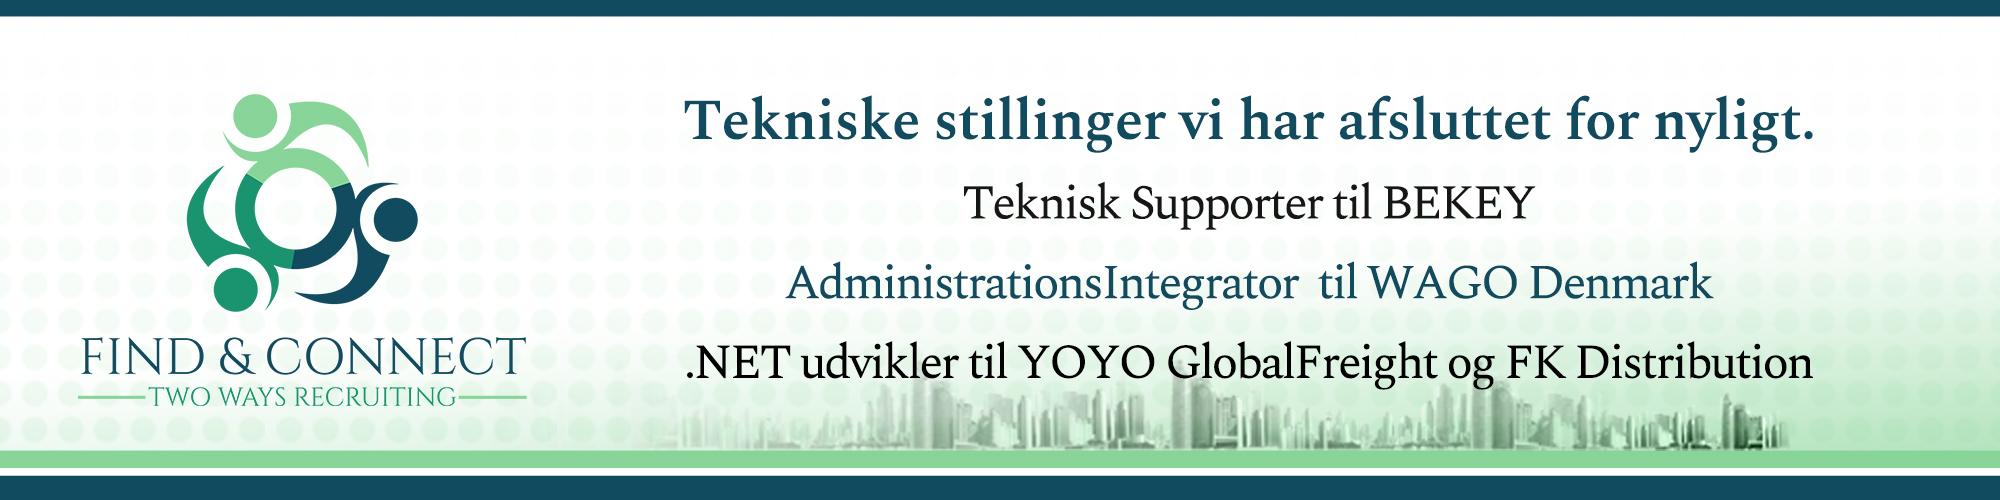 .NET udvikler, ApplikationsIntegrator, Teknisk Supporter